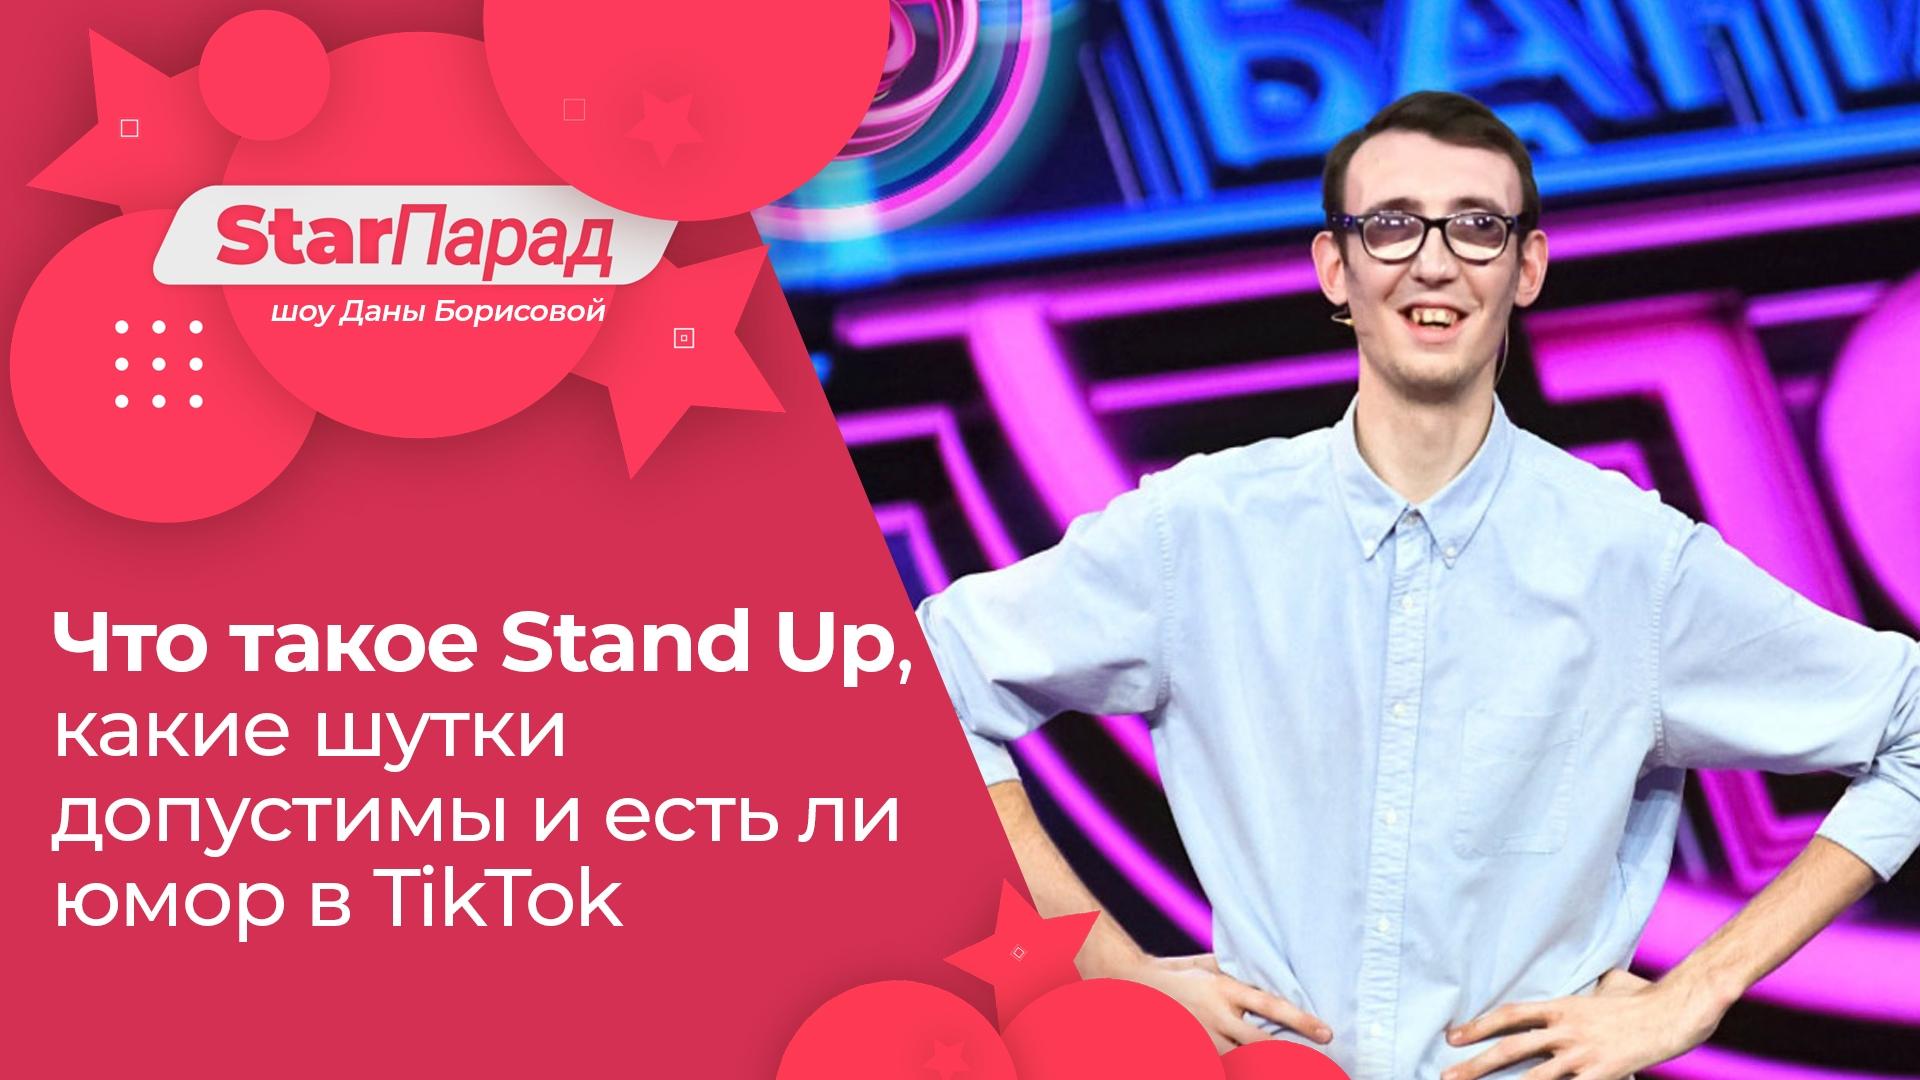 Star Парад. Что такое Stand Up, какие шутки допустимы и есть ли юмор в TikTok Видео